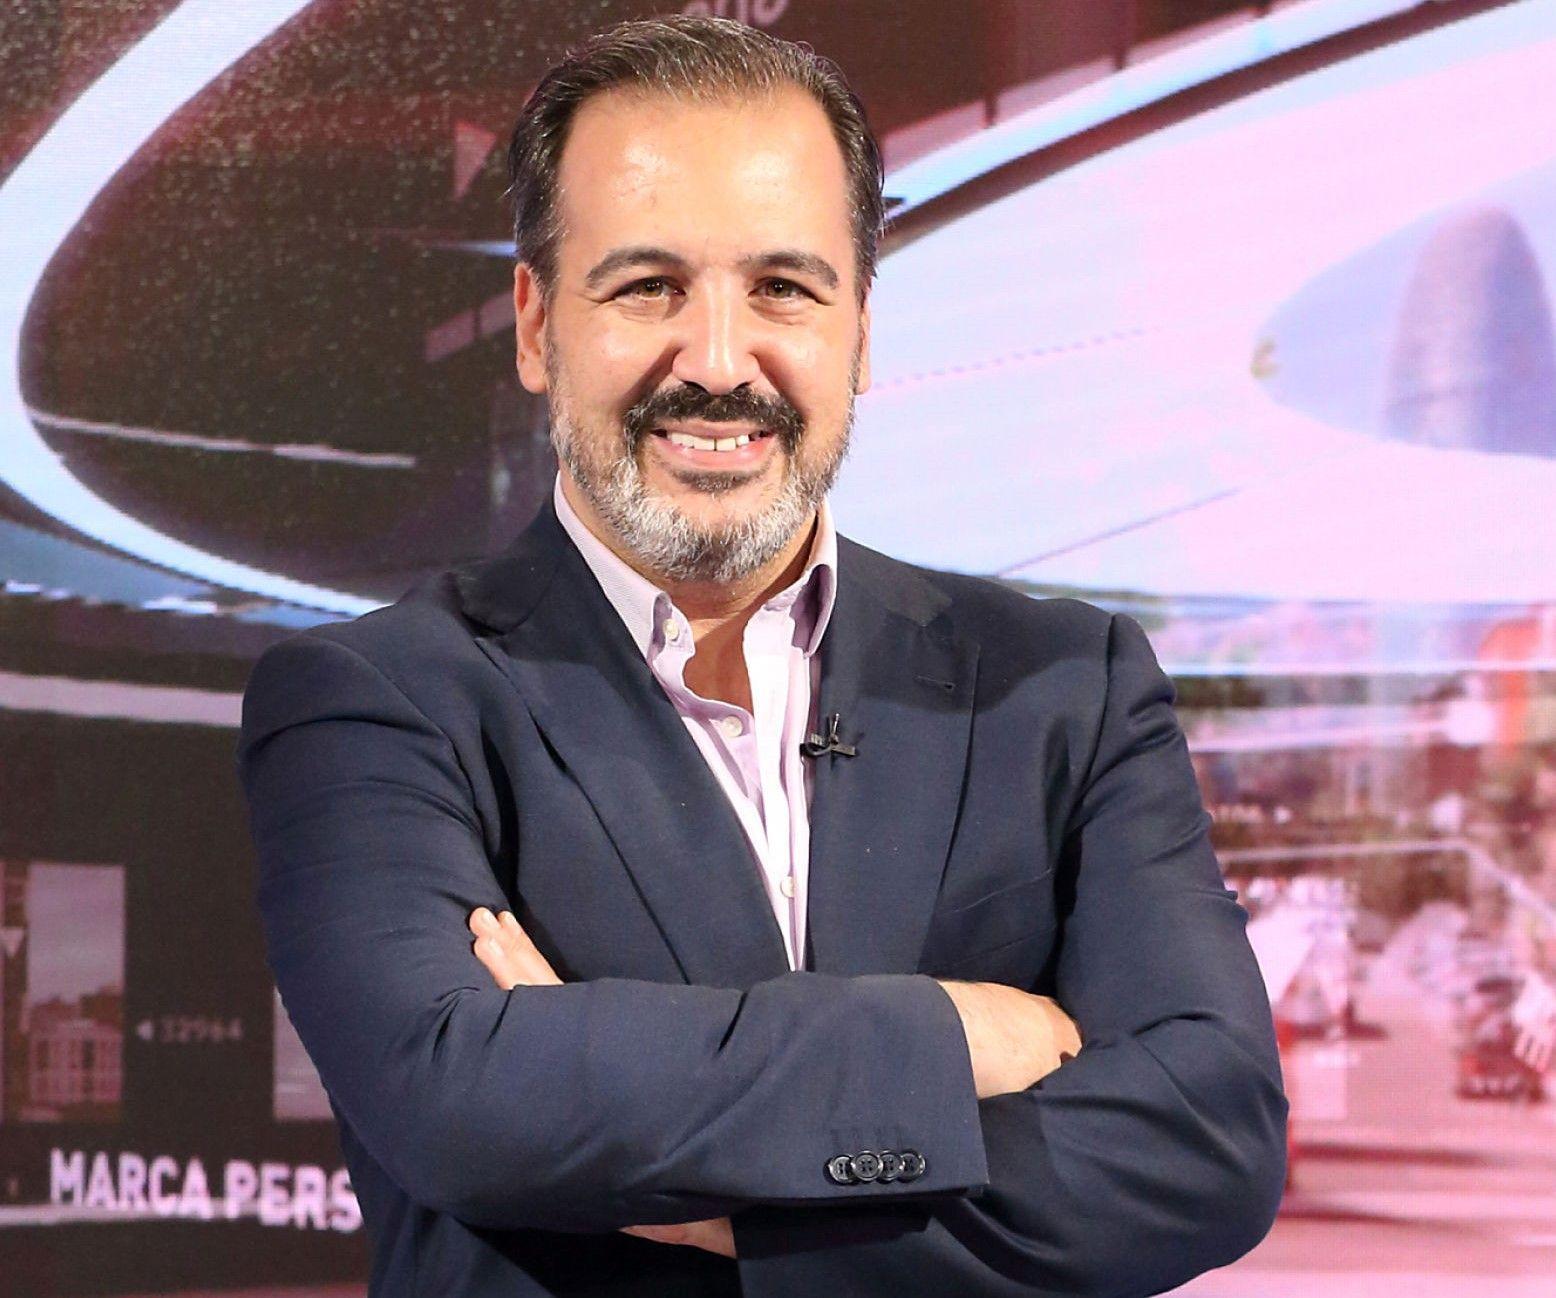 Miguel-Ángel-Pérez-Laguna-Fundador-de-HUMANOS-EN-LA-OFICINA-3_opt-1.jpg